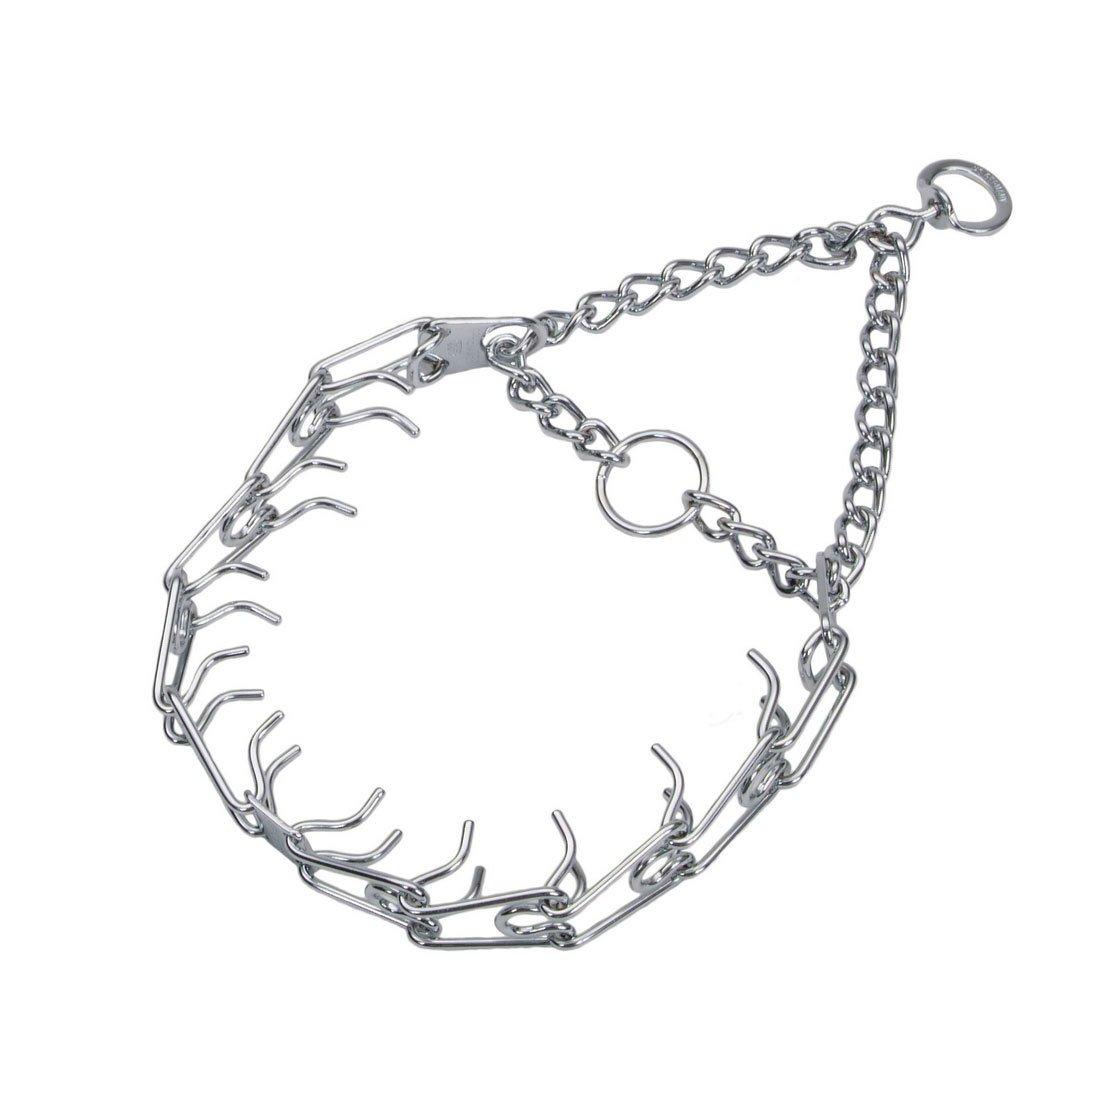 Herm SPRENGER Pinch Collar-Small 12'' x 2.25mm